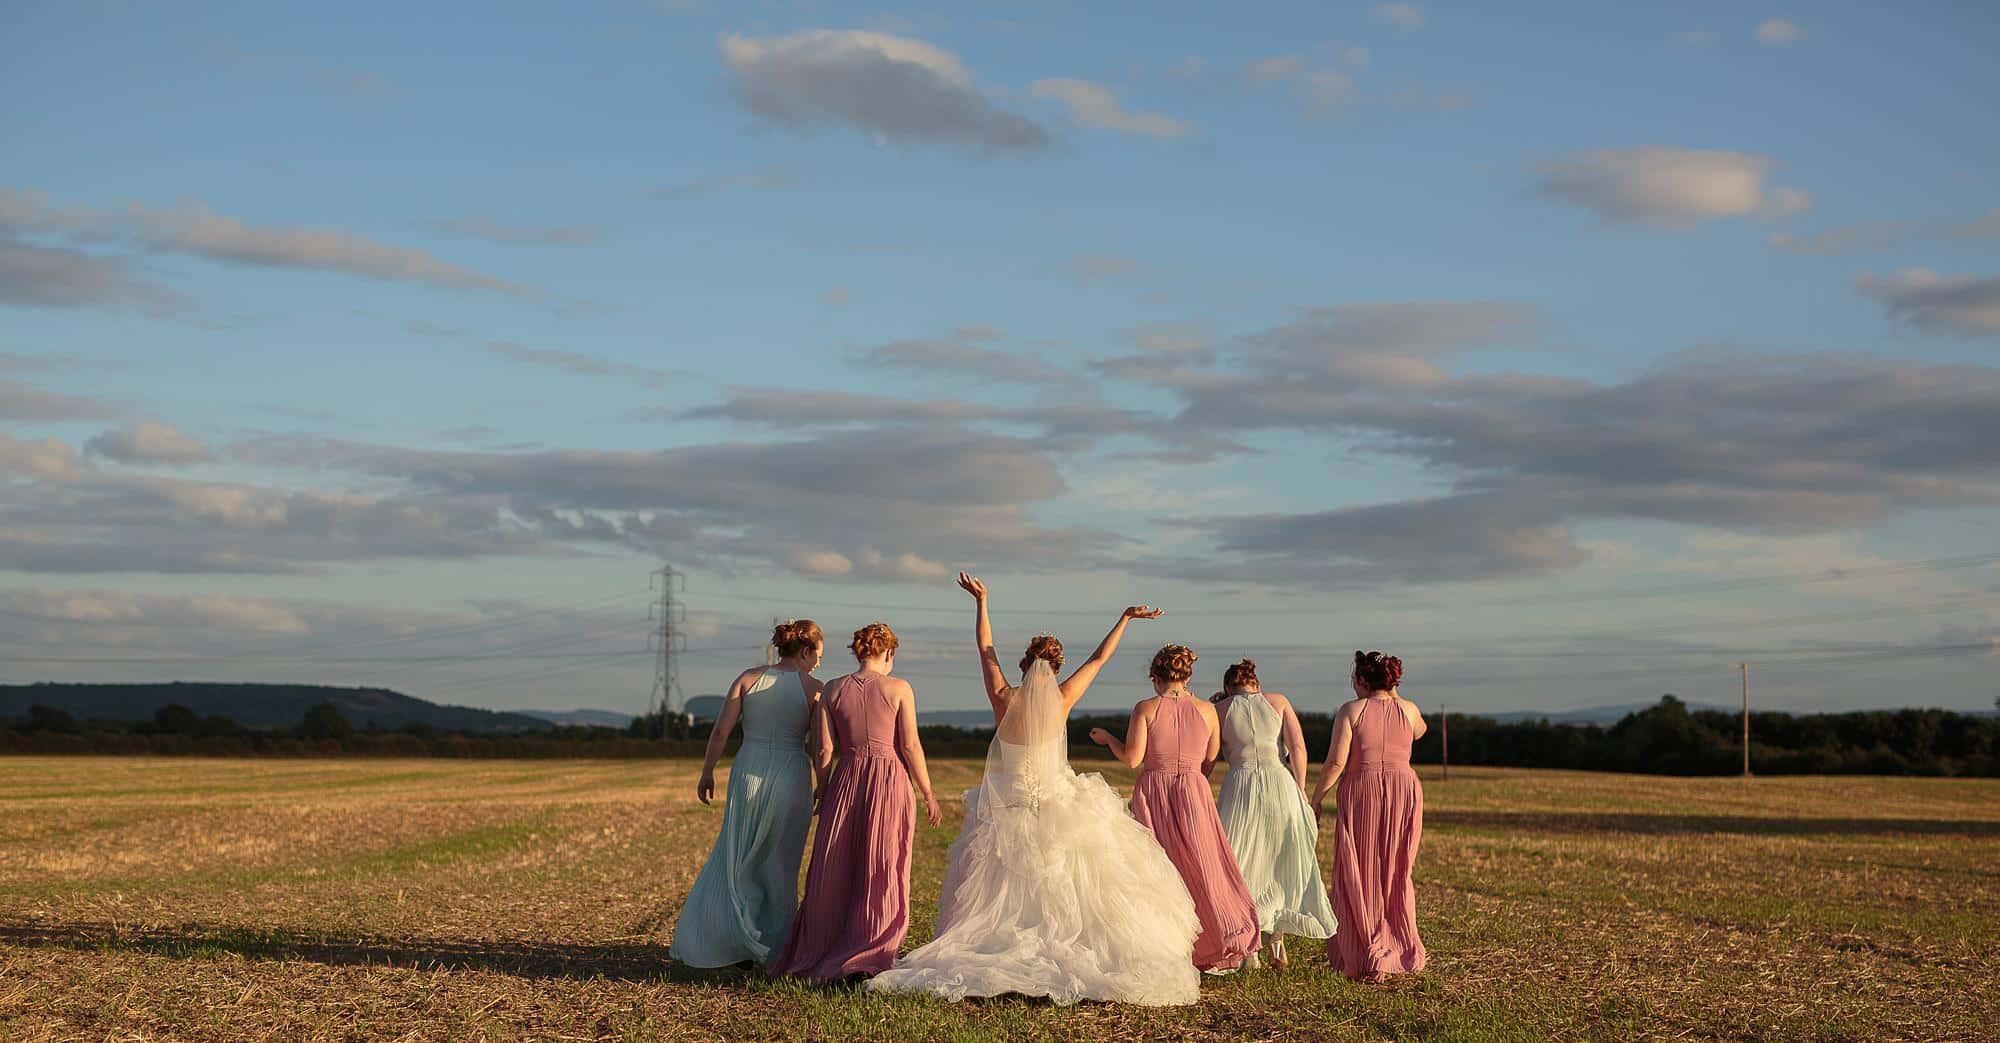 shropshire wedding photographer 1537